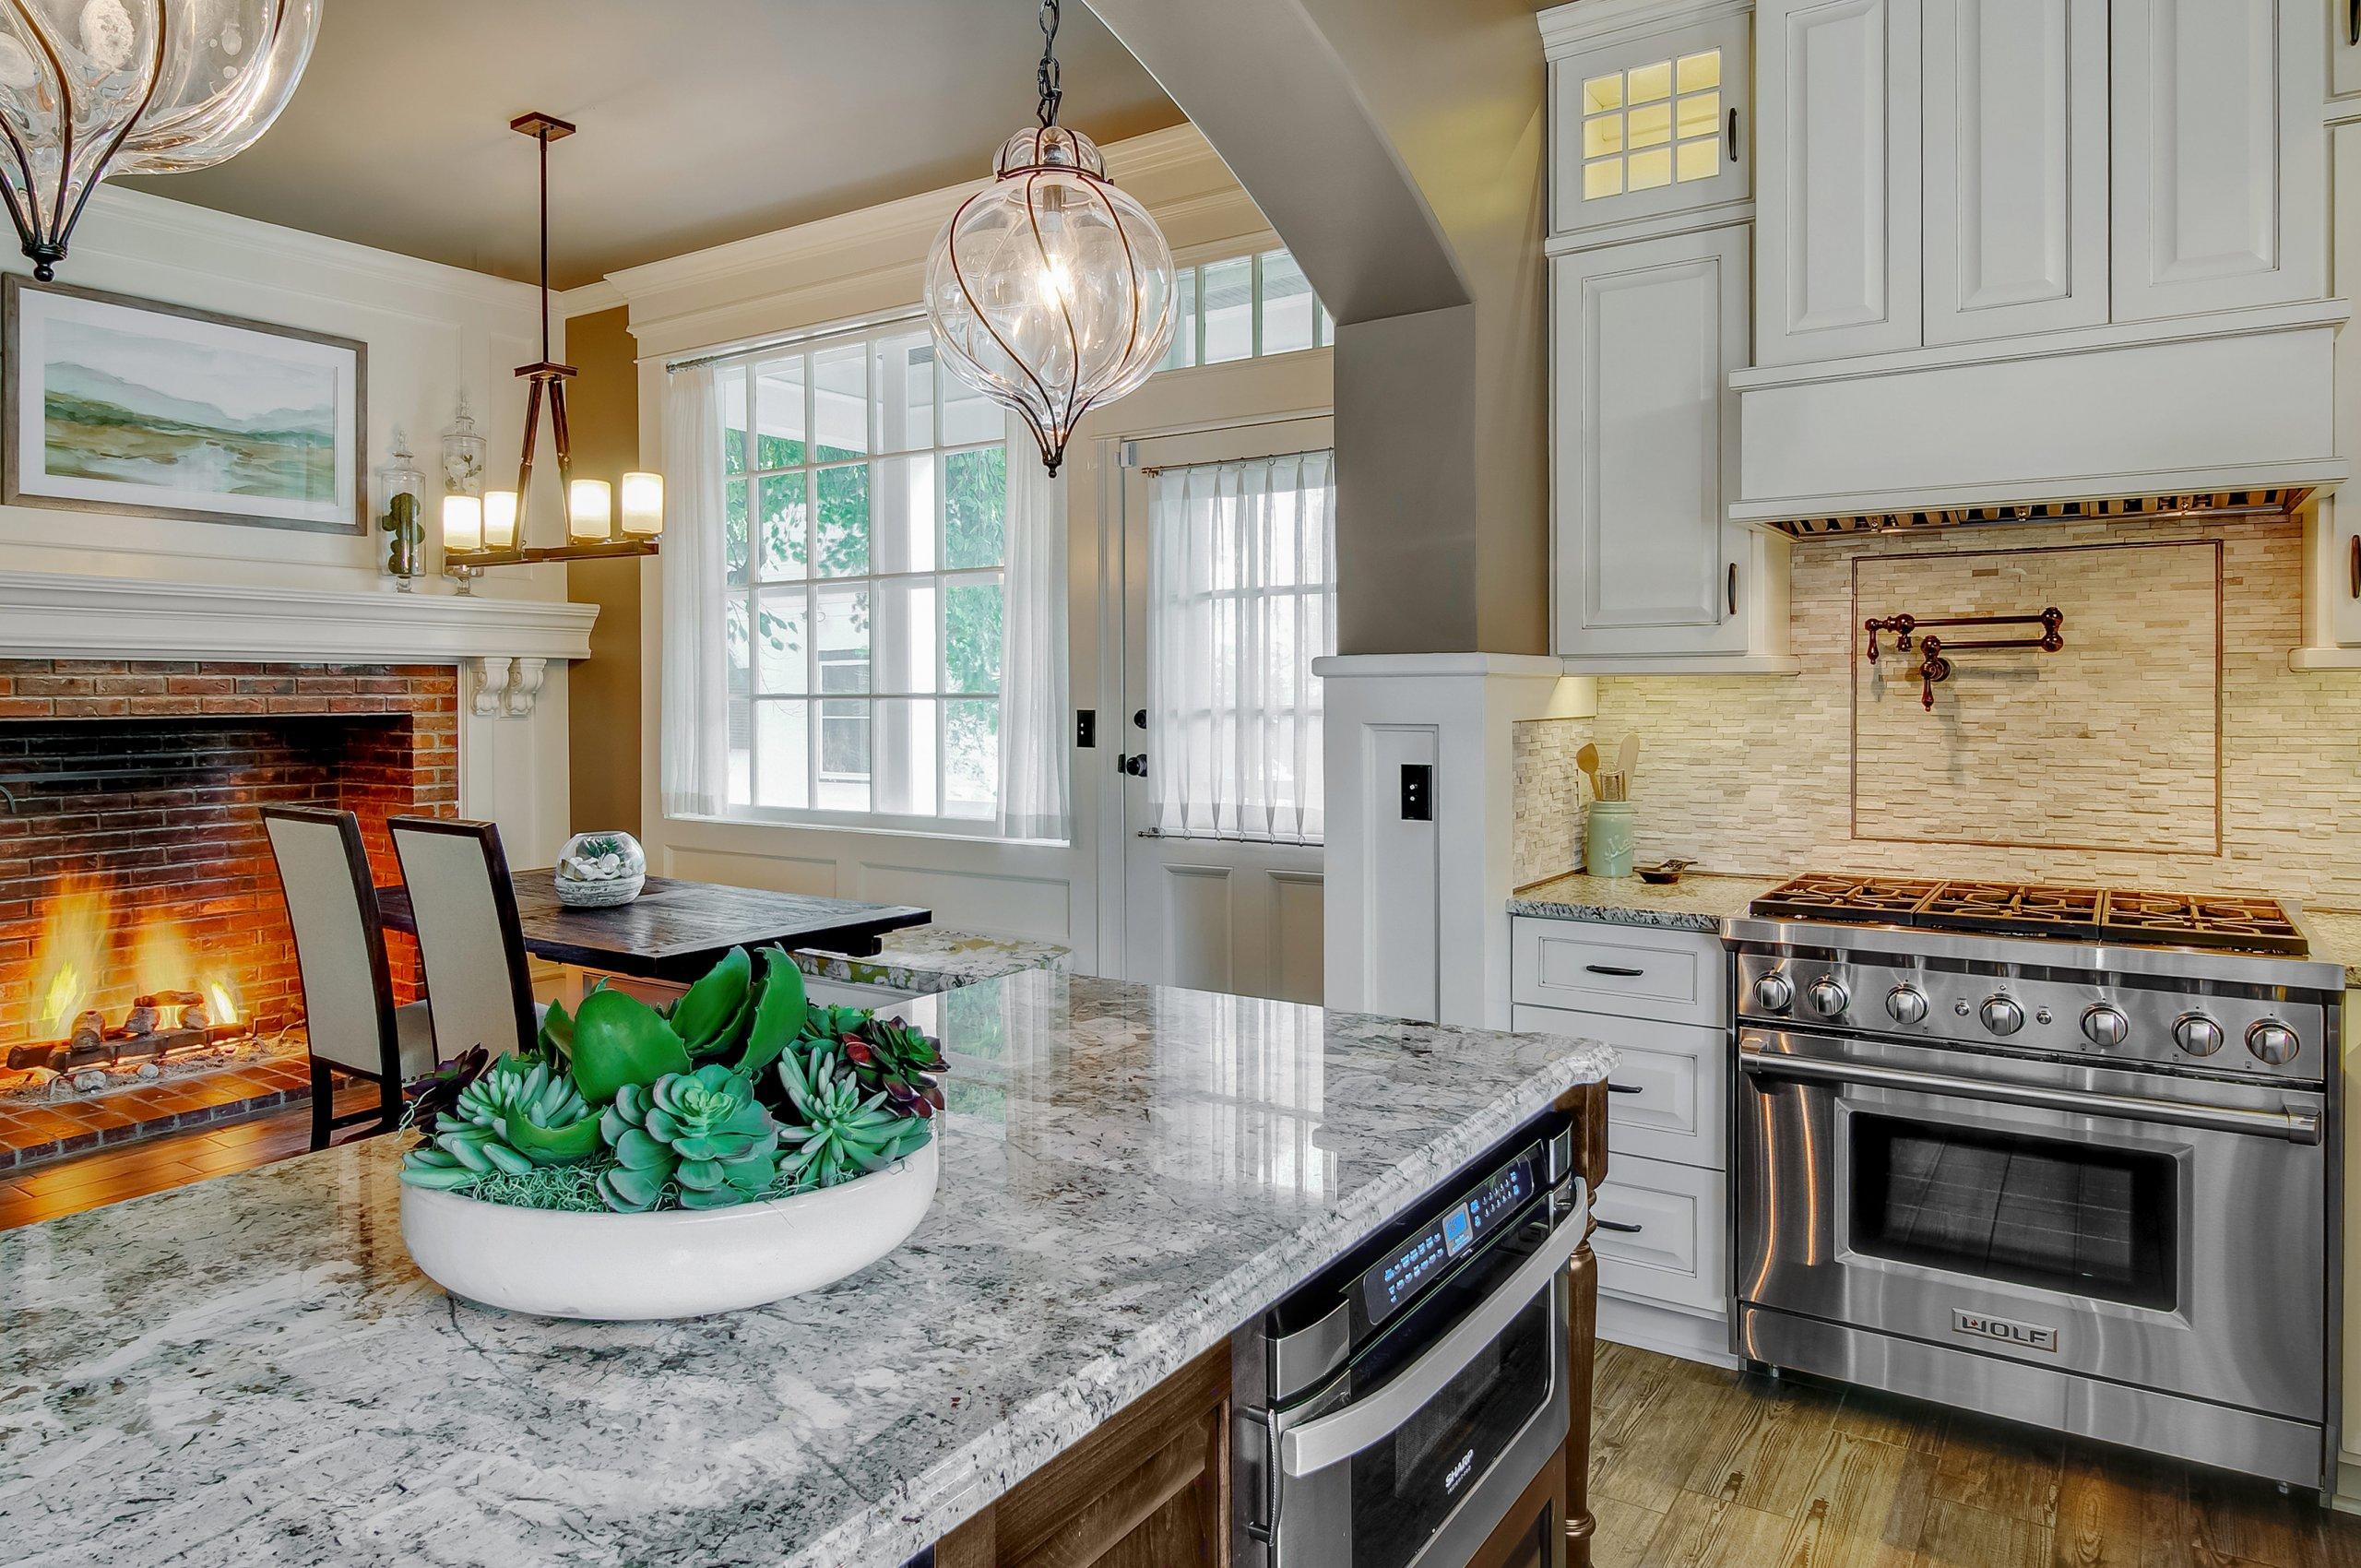 modern kitchen-Aurora, IL-Victorian home